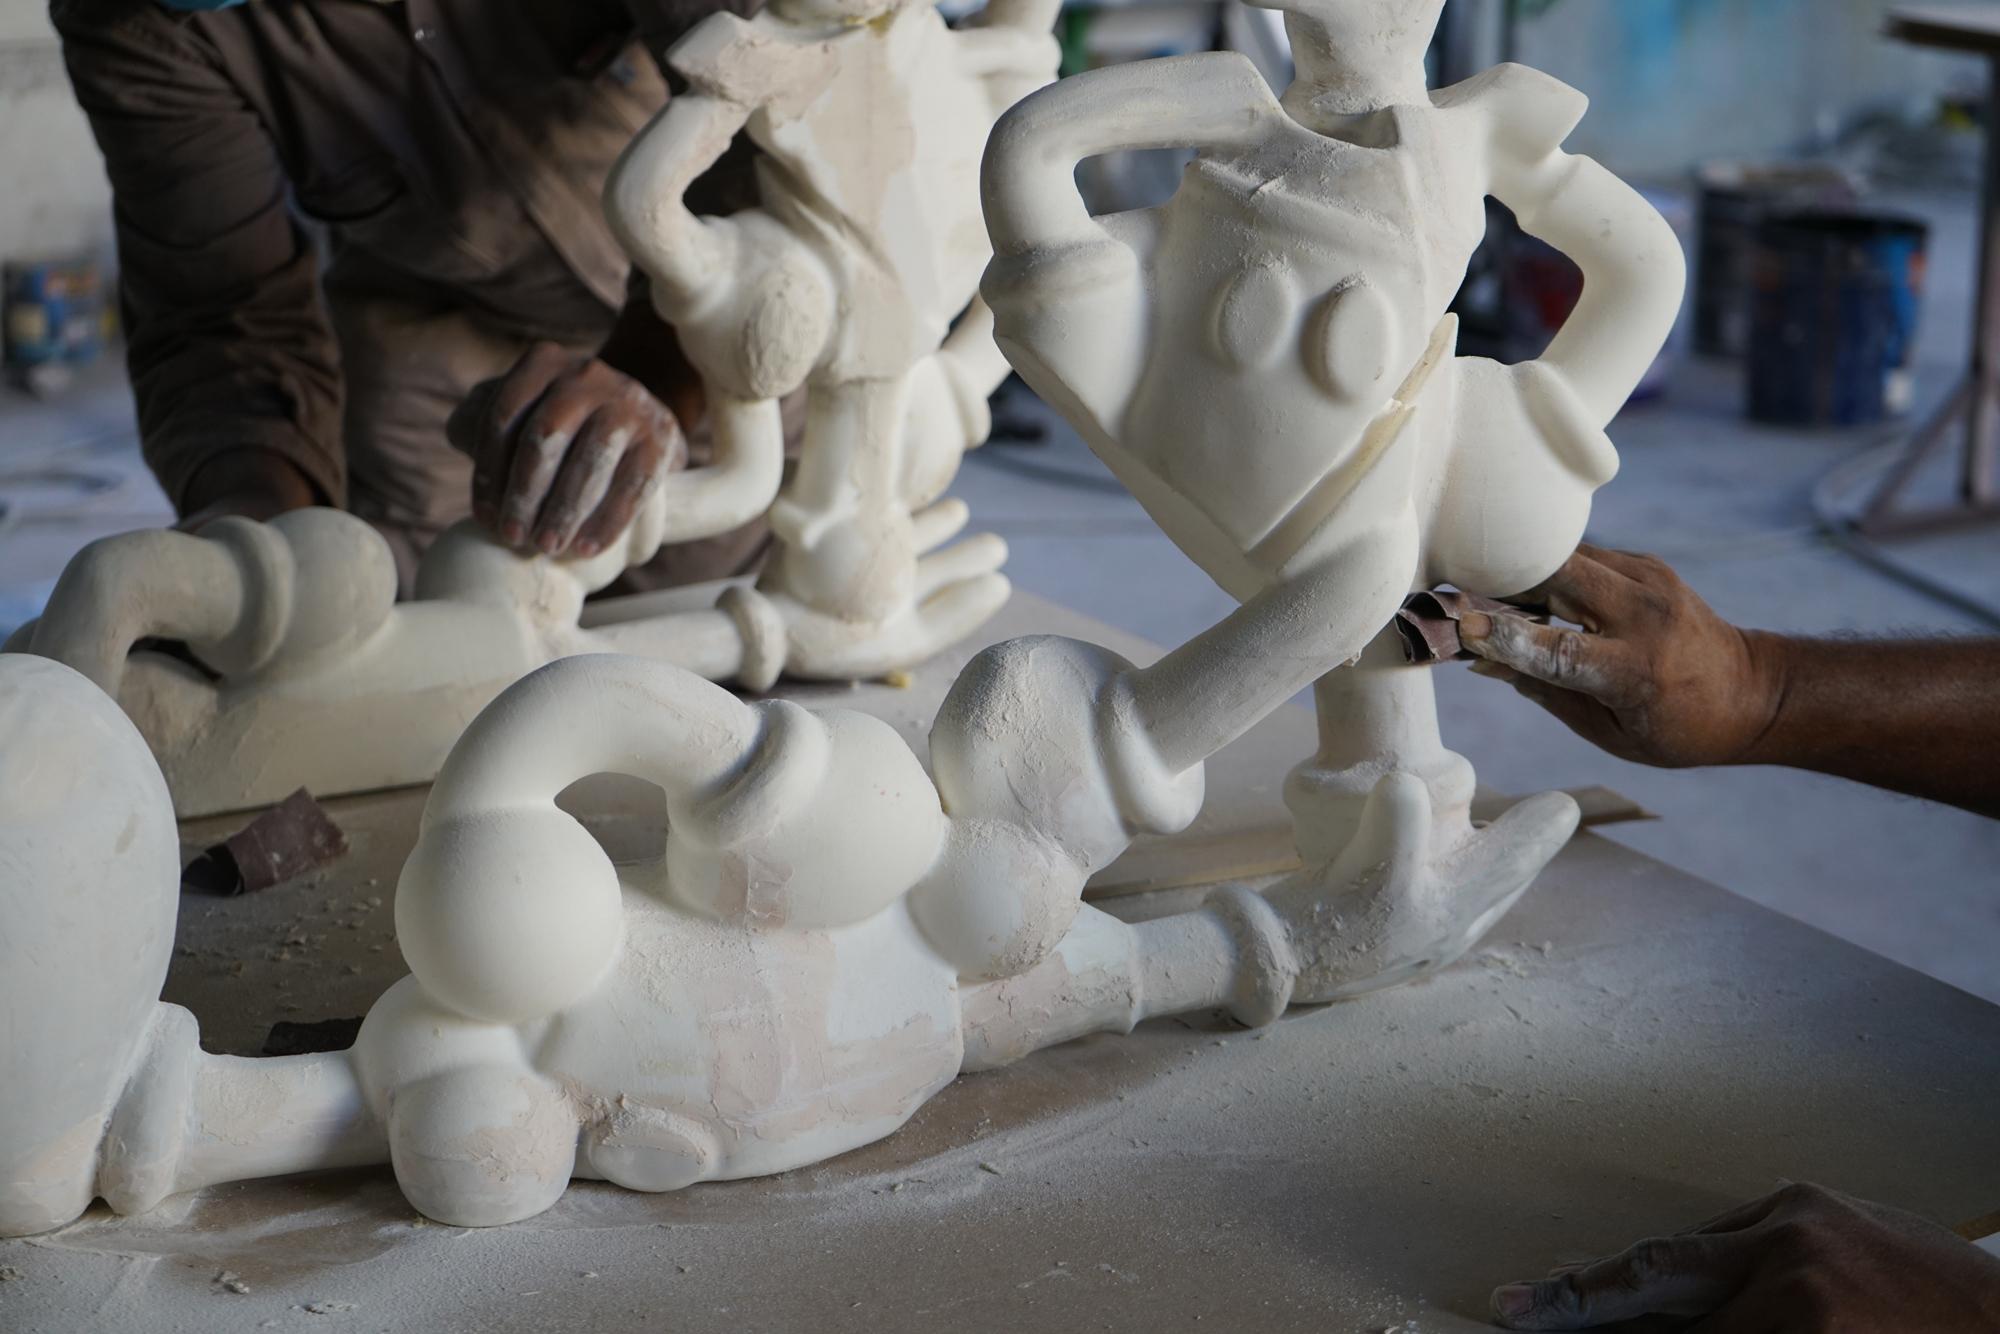 hands sanding white plaster sculpture